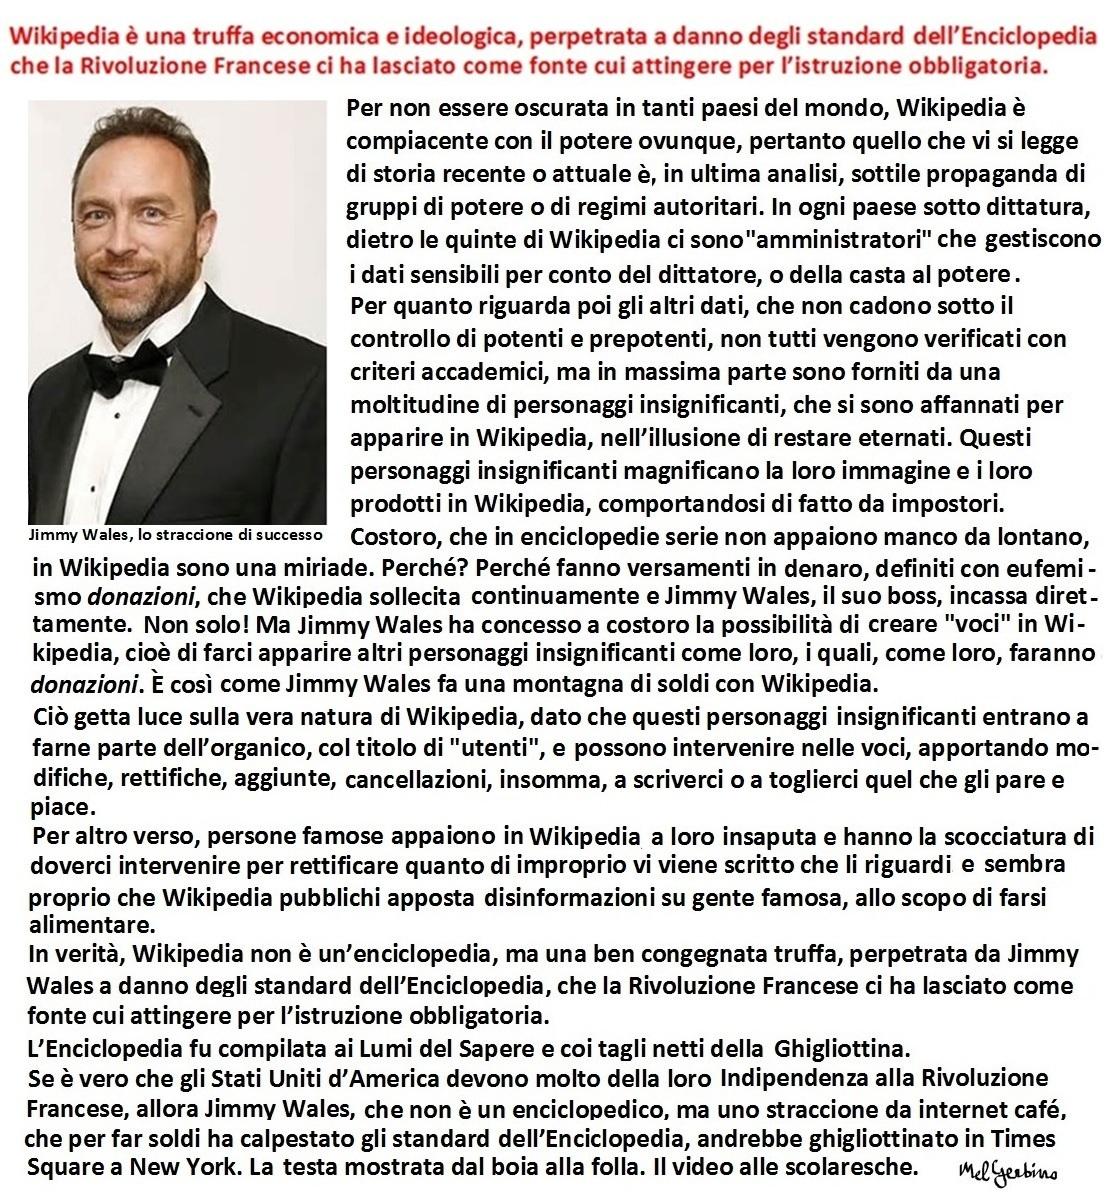 Jimmy Wales, lo straccione di successo